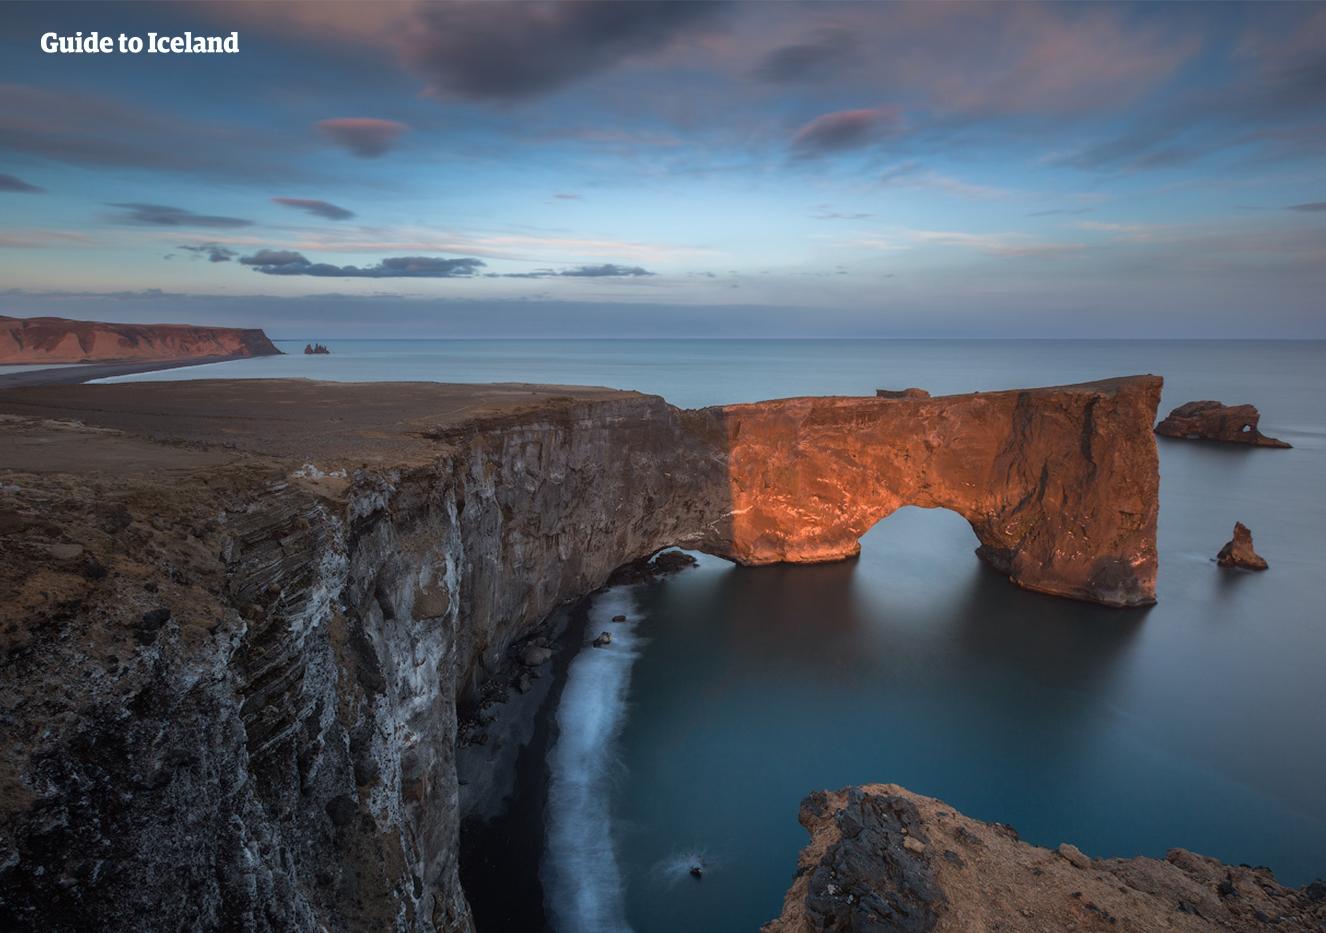 디르홀레이의 아치 모양의 바위. 남부 해안에 자리 잡고 있는 이곳은 왕자의 게임에 등장했던 곳이에요.